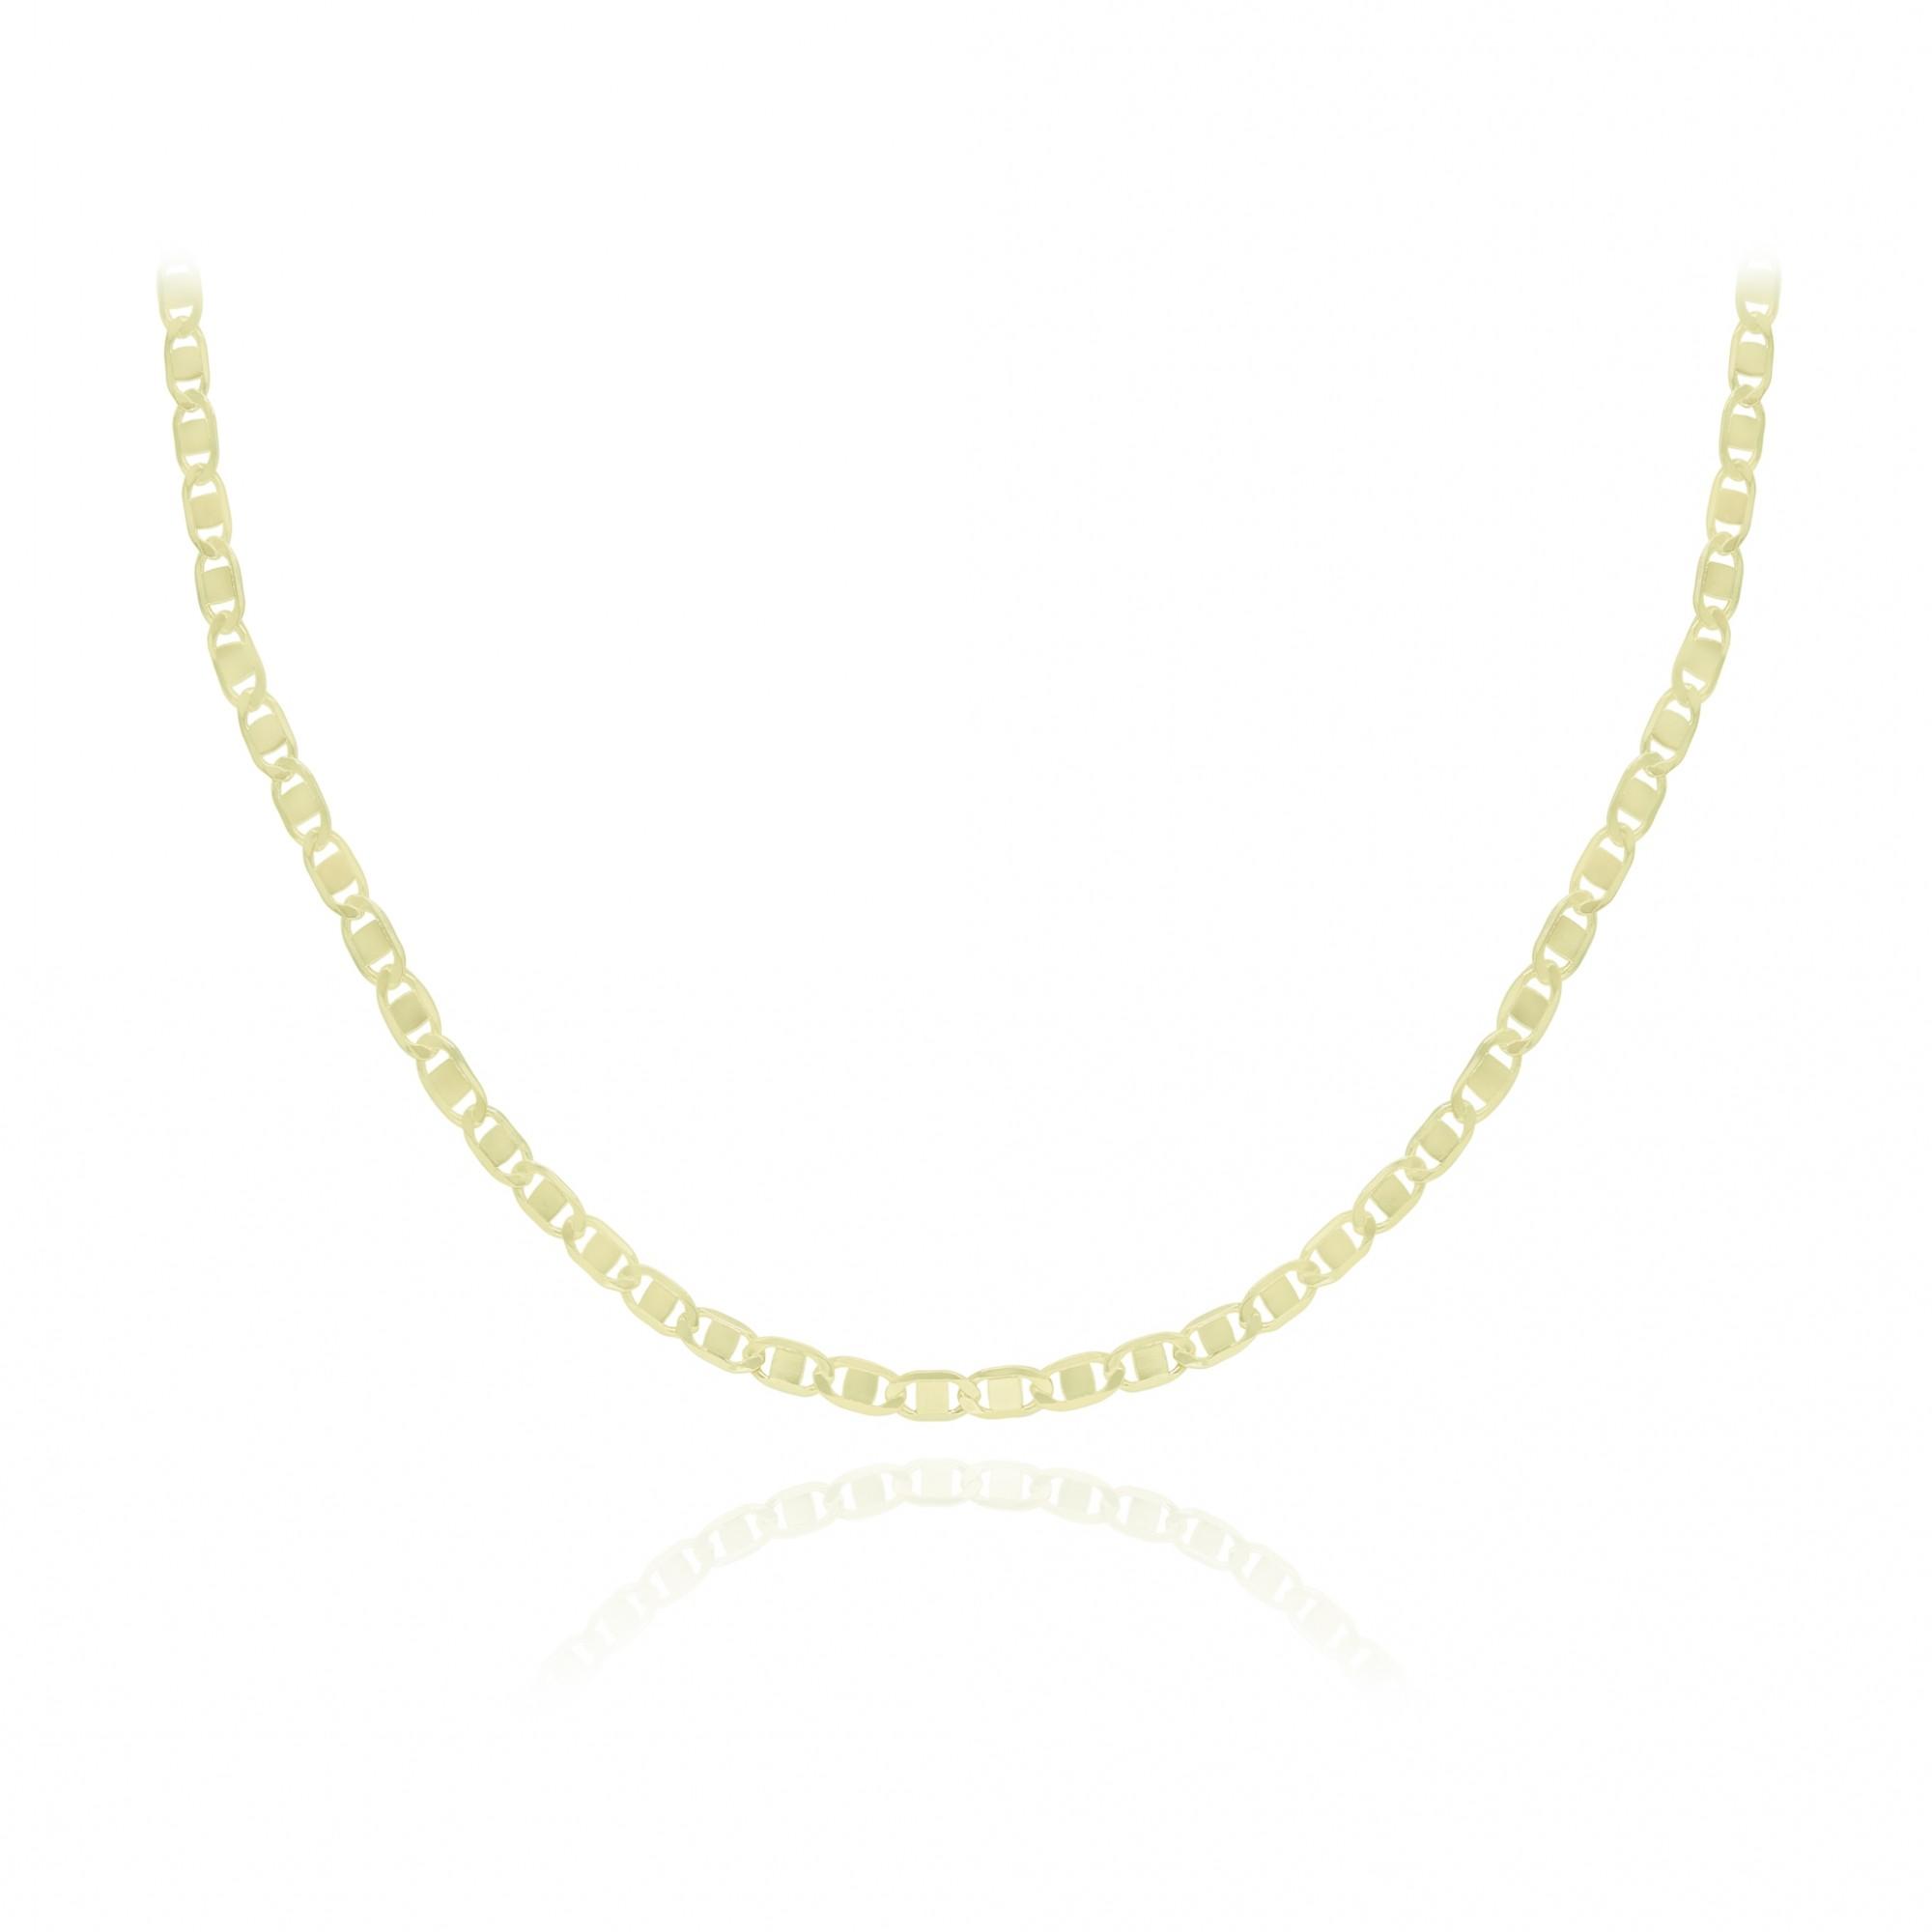 Corrente semijoia folheada a ouro modelo travessa diamantada